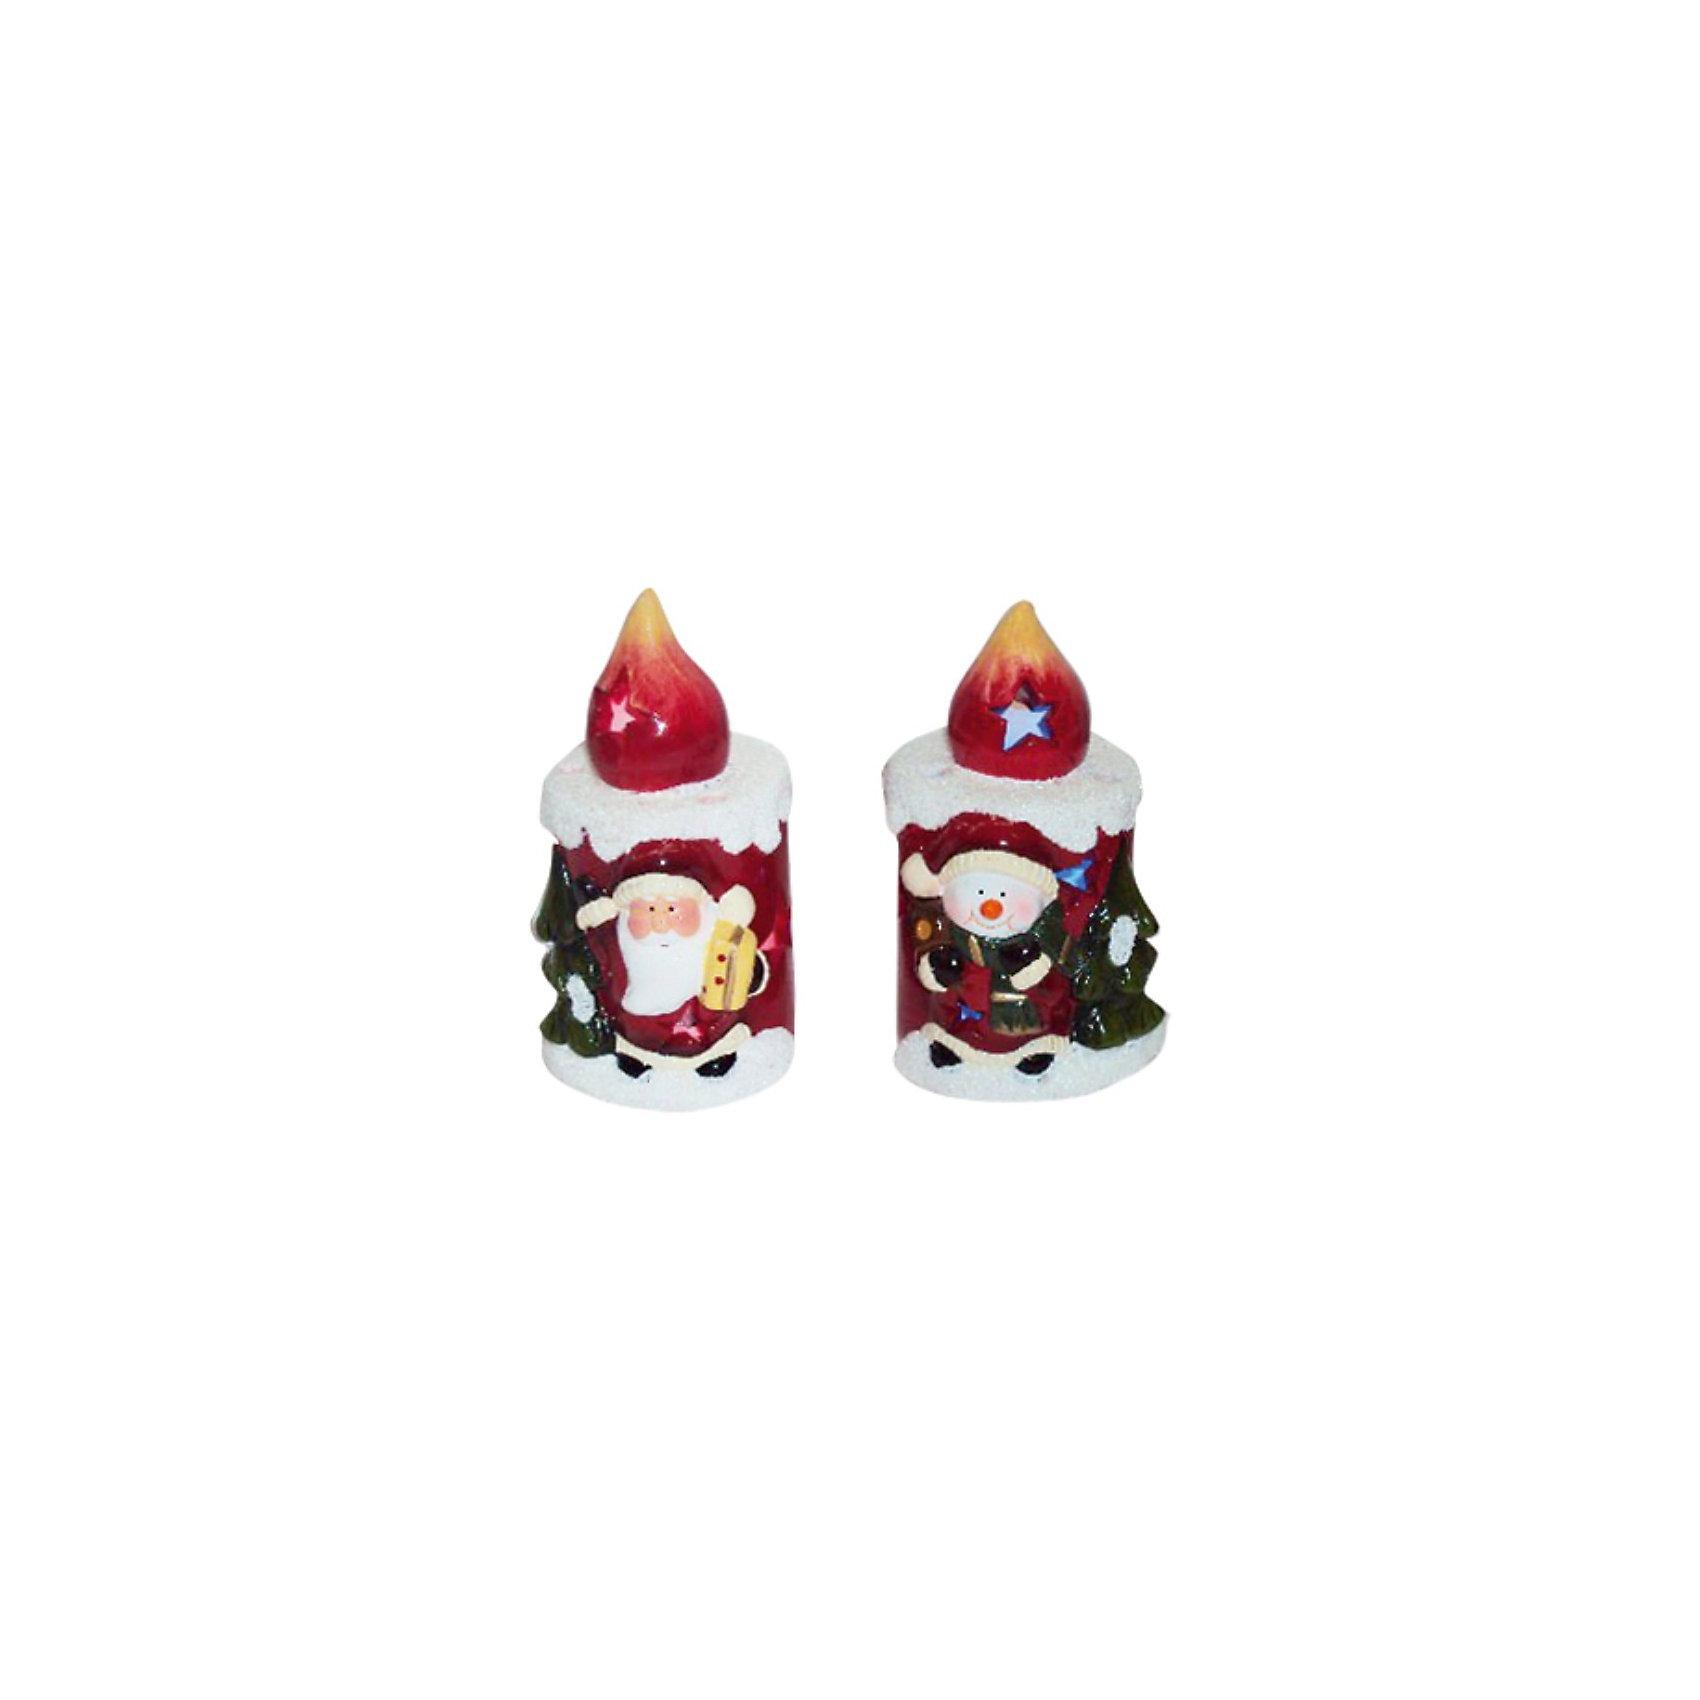 Сувенир керамический Свеча с LED подсветкойСувенир керамический Свеча, Волшебная страна станет замечательным украшением Вашего новогоднего интерьера и приятным подарком для родных и друзей. Сувенир<br>выполнен в форме нарядной свечи, украшенной изображением Деда Мороза. Оригинальная керамическая свечка с LED подсветкой порадует и взрослых и детей и поможет<br>создать волшебную атмосферу новогодних праздников.<br><br>Дополнительная информация:<br><br>- Материал: керамика.<br>- Размер: 7,5 x 7,5 x 12 см.<br>- Вес: 235 гр. <br><br>Сувенир керамический Свеча, Волшебная страна можно купить в нашем интернет-магазине.<br><br>Ширина мм: 540<br>Глубина мм: 80<br>Высота мм: 130<br>Вес г: 235<br>Возраст от месяцев: 60<br>Возраст до месяцев: 180<br>Пол: Унисекс<br>Возраст: Детский<br>SKU: 3791433